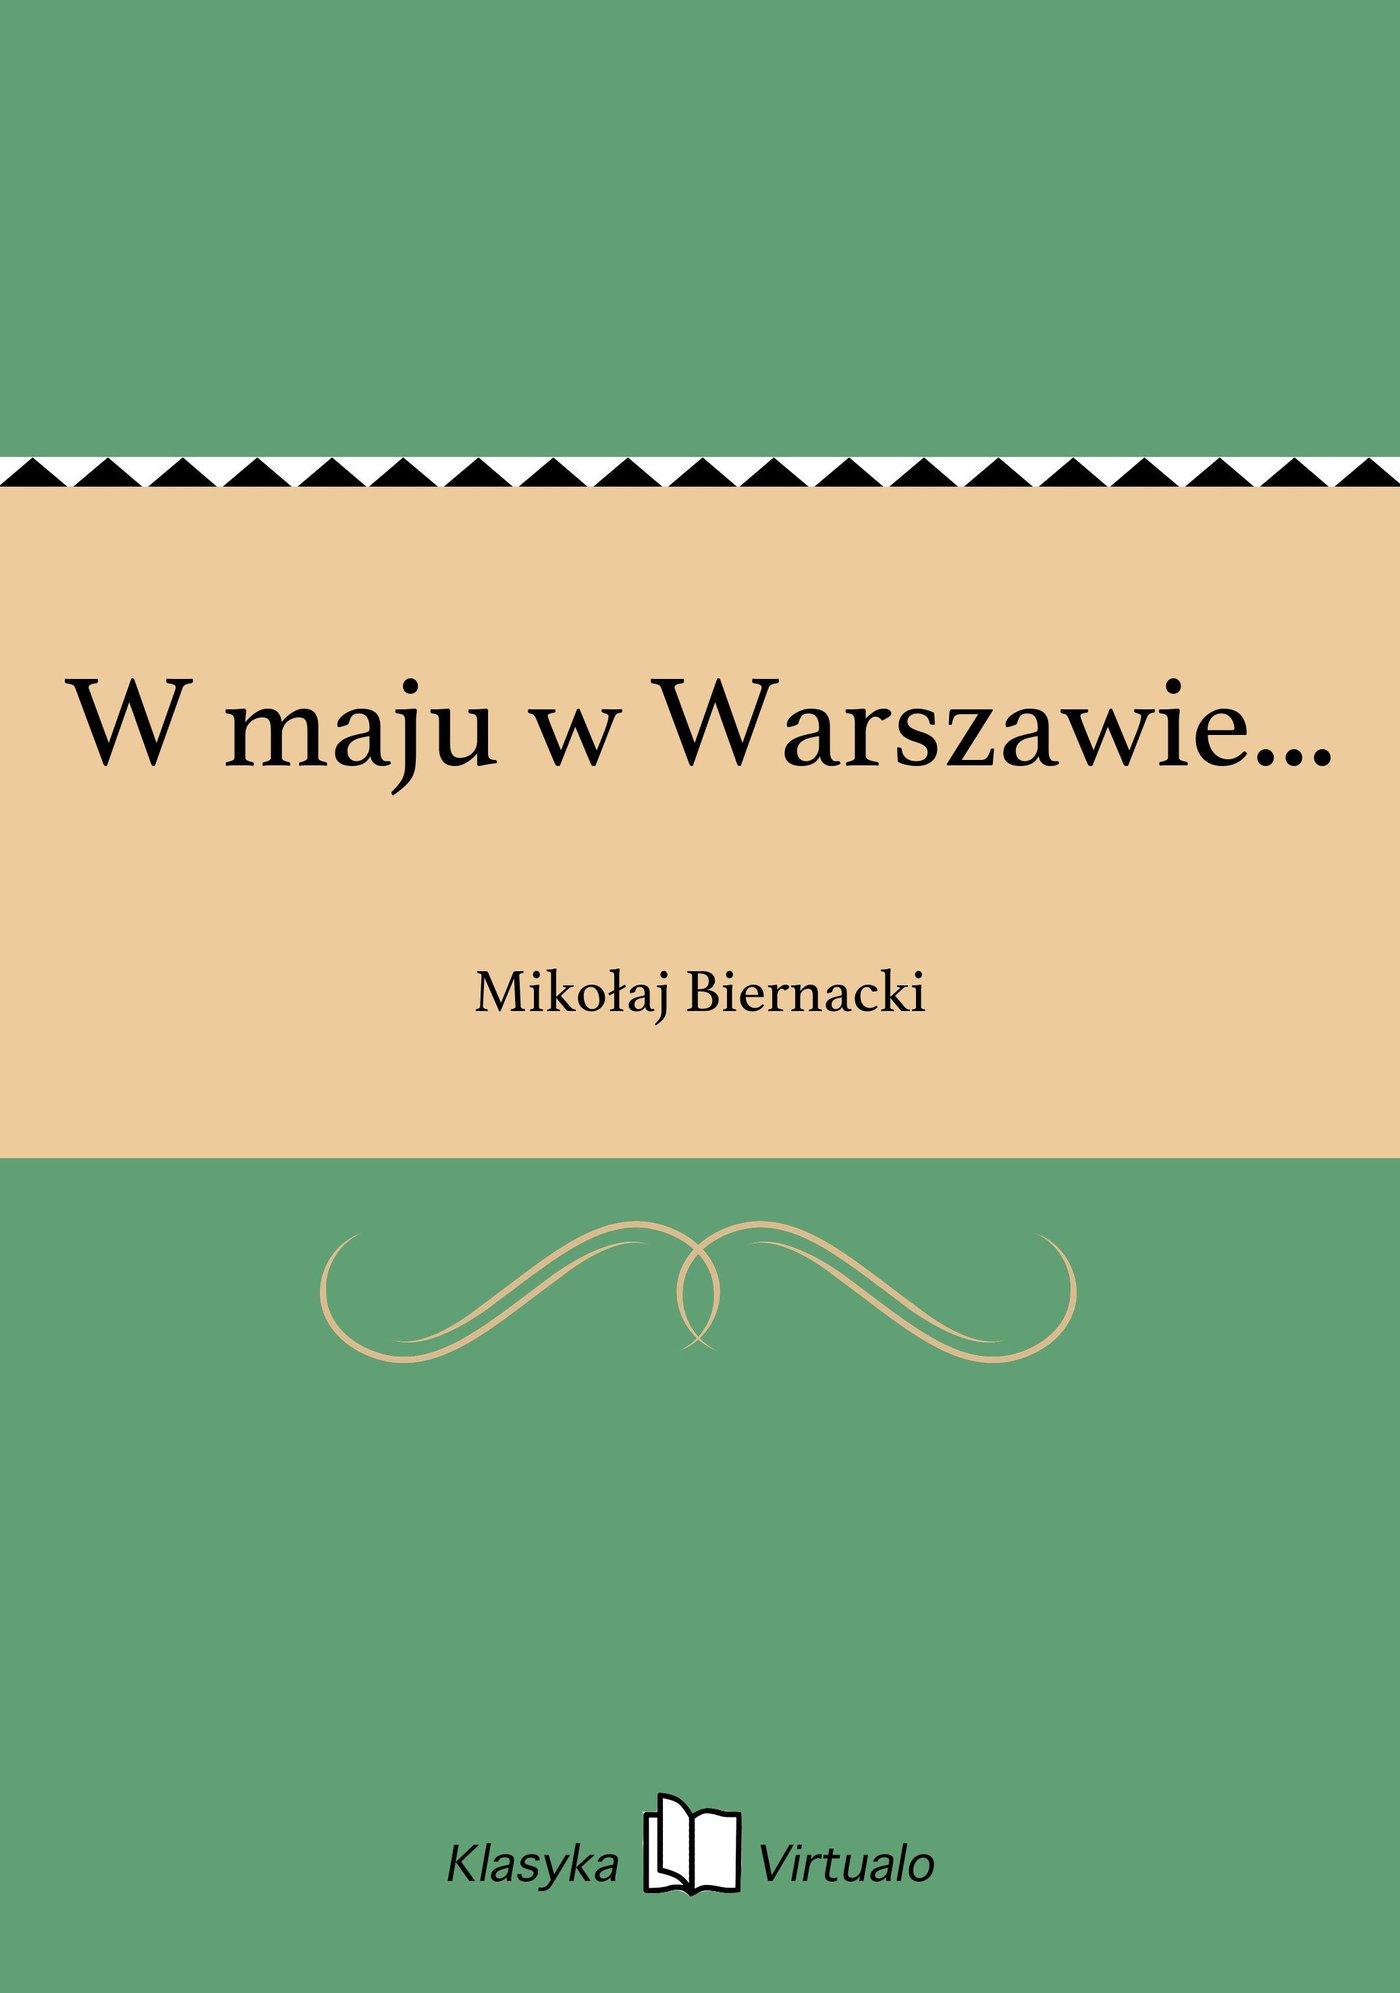 W maju w Warszawie... - Ebook (Książka EPUB) do pobrania w formacie EPUB